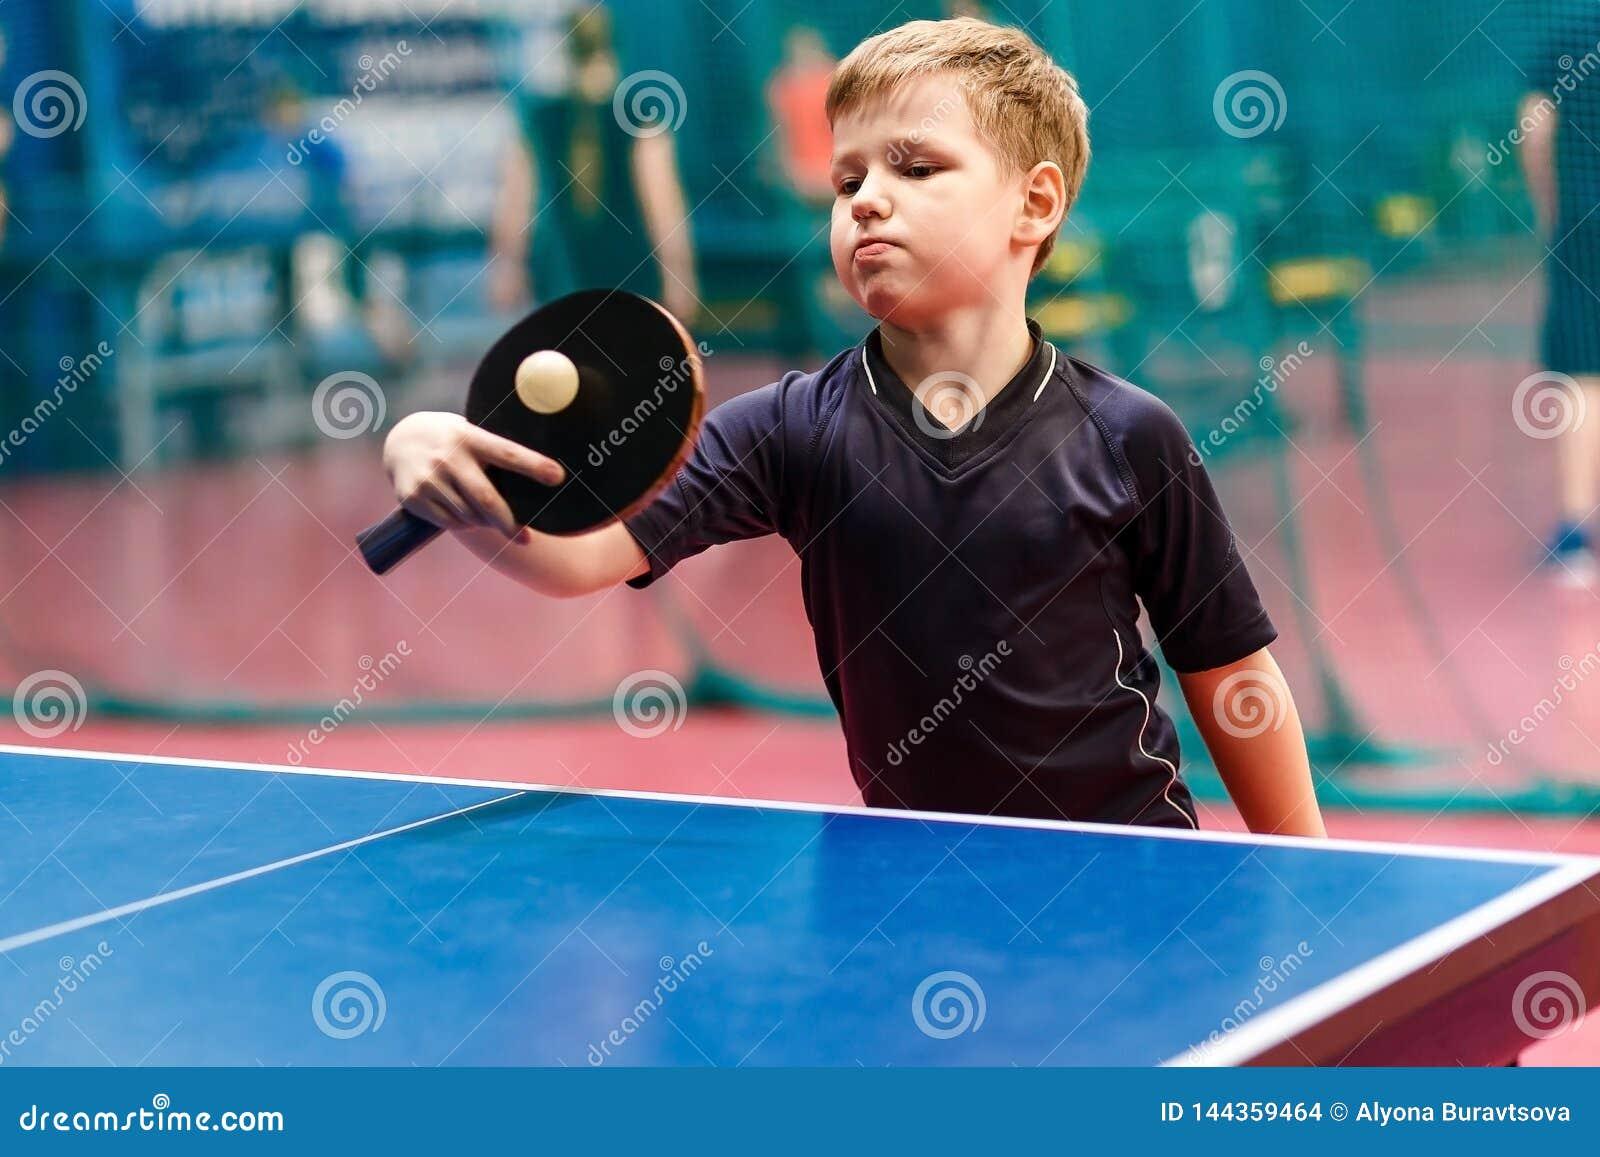 El jugador de tenis juega la bola en los tenis de mesa, ping-pong